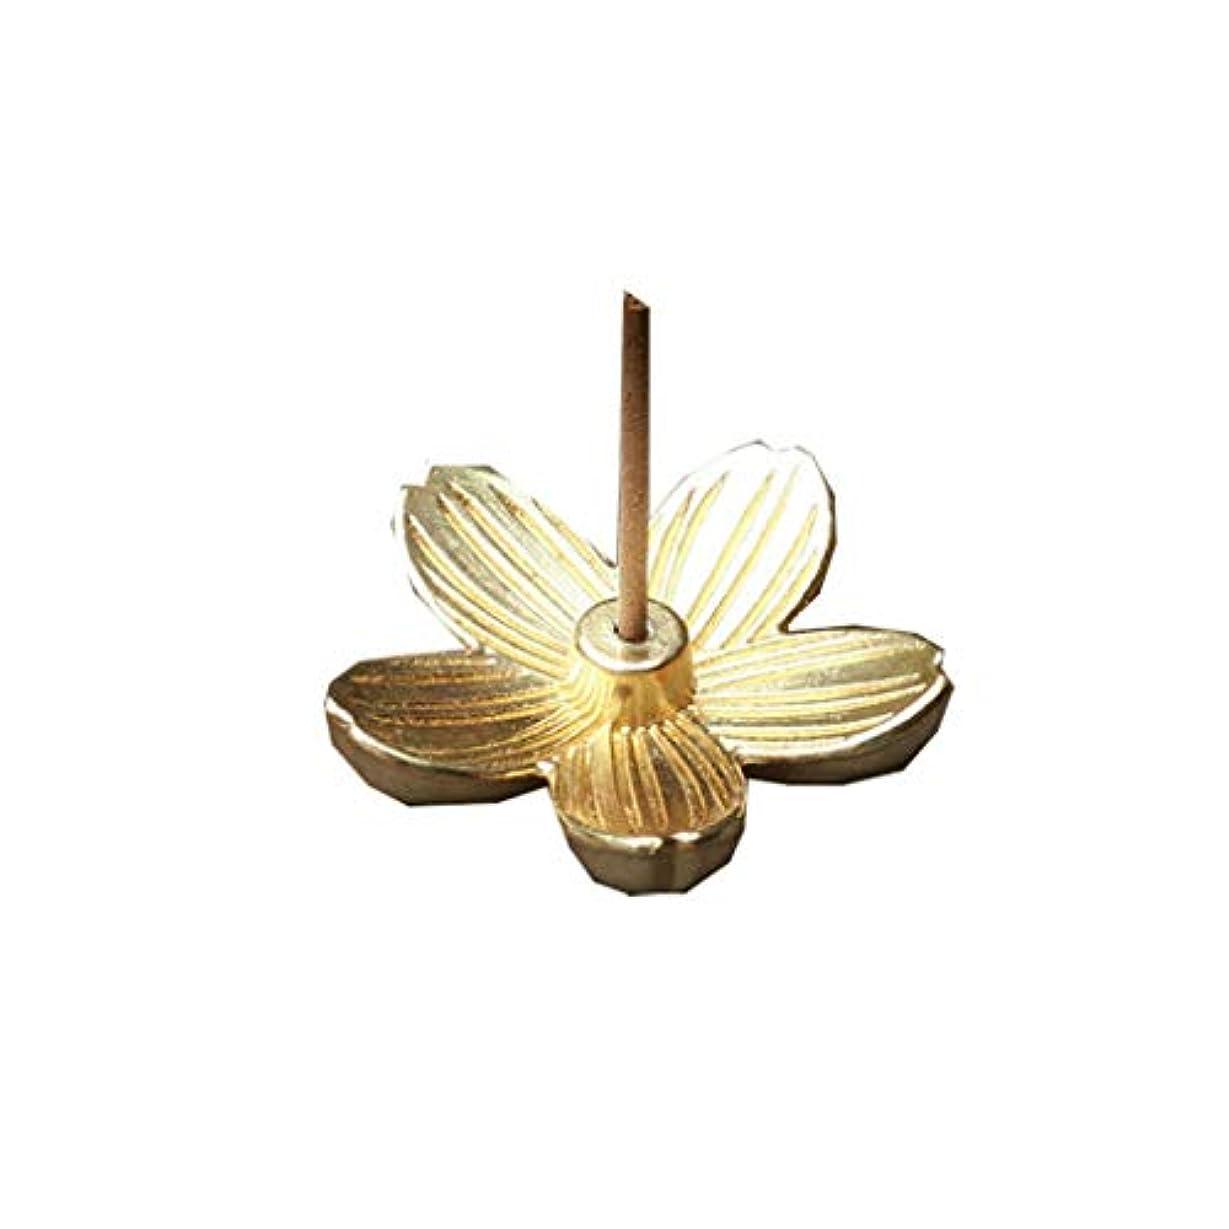 記述するカートリッジ詩クリエイティブヴィンテージ銅アートさくら型の香炉香スティックコーンホルダーホーム仏教の装飾誕生日お香ホルダー (Color : Gold, サイズ : 1.14*1.14inchs)